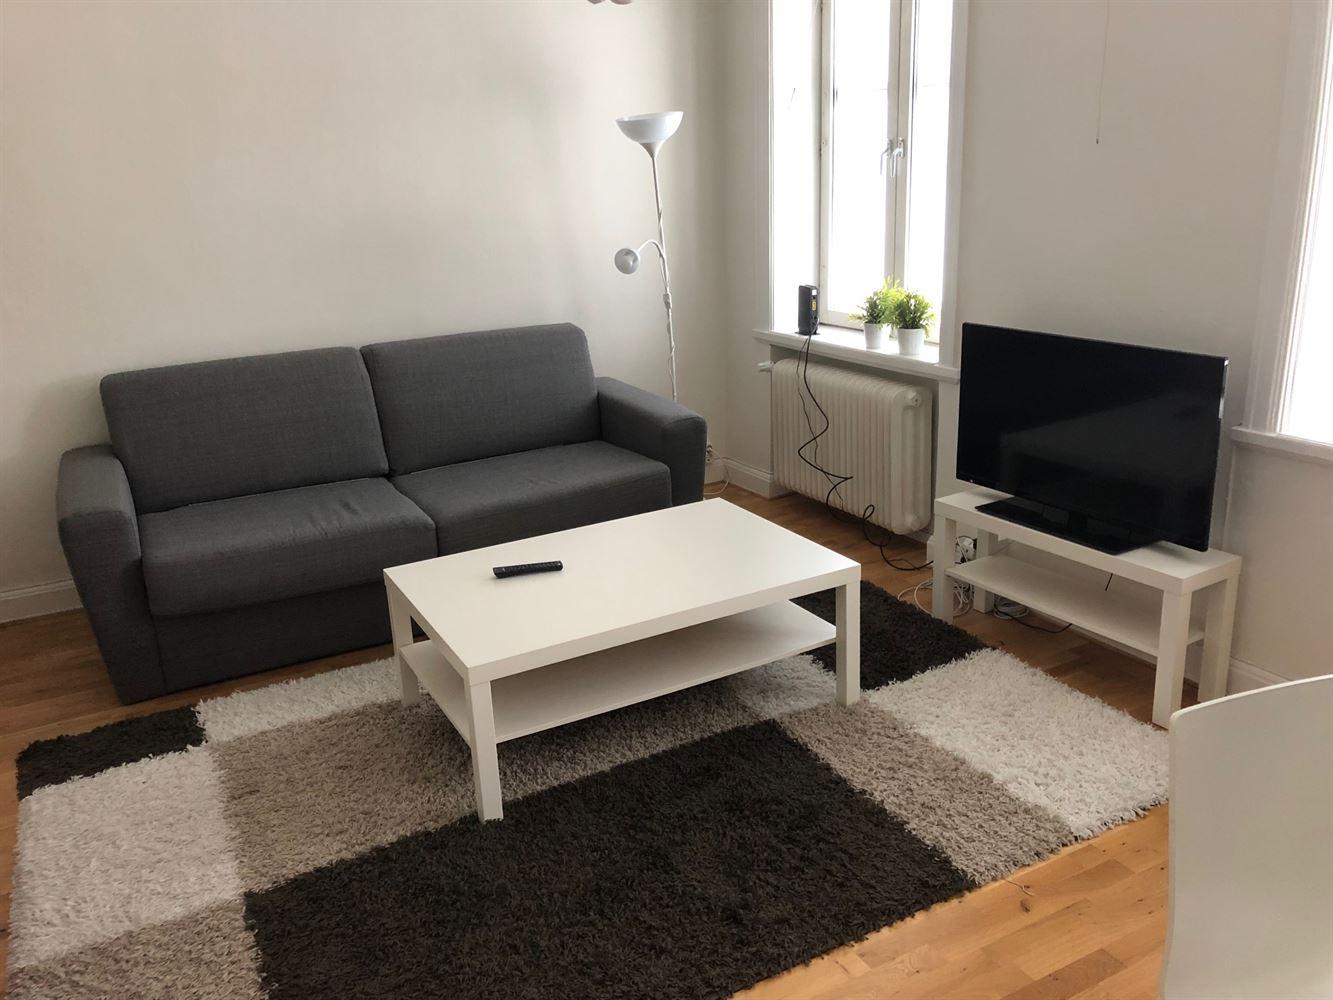 Södra Stenbocksgatan 89